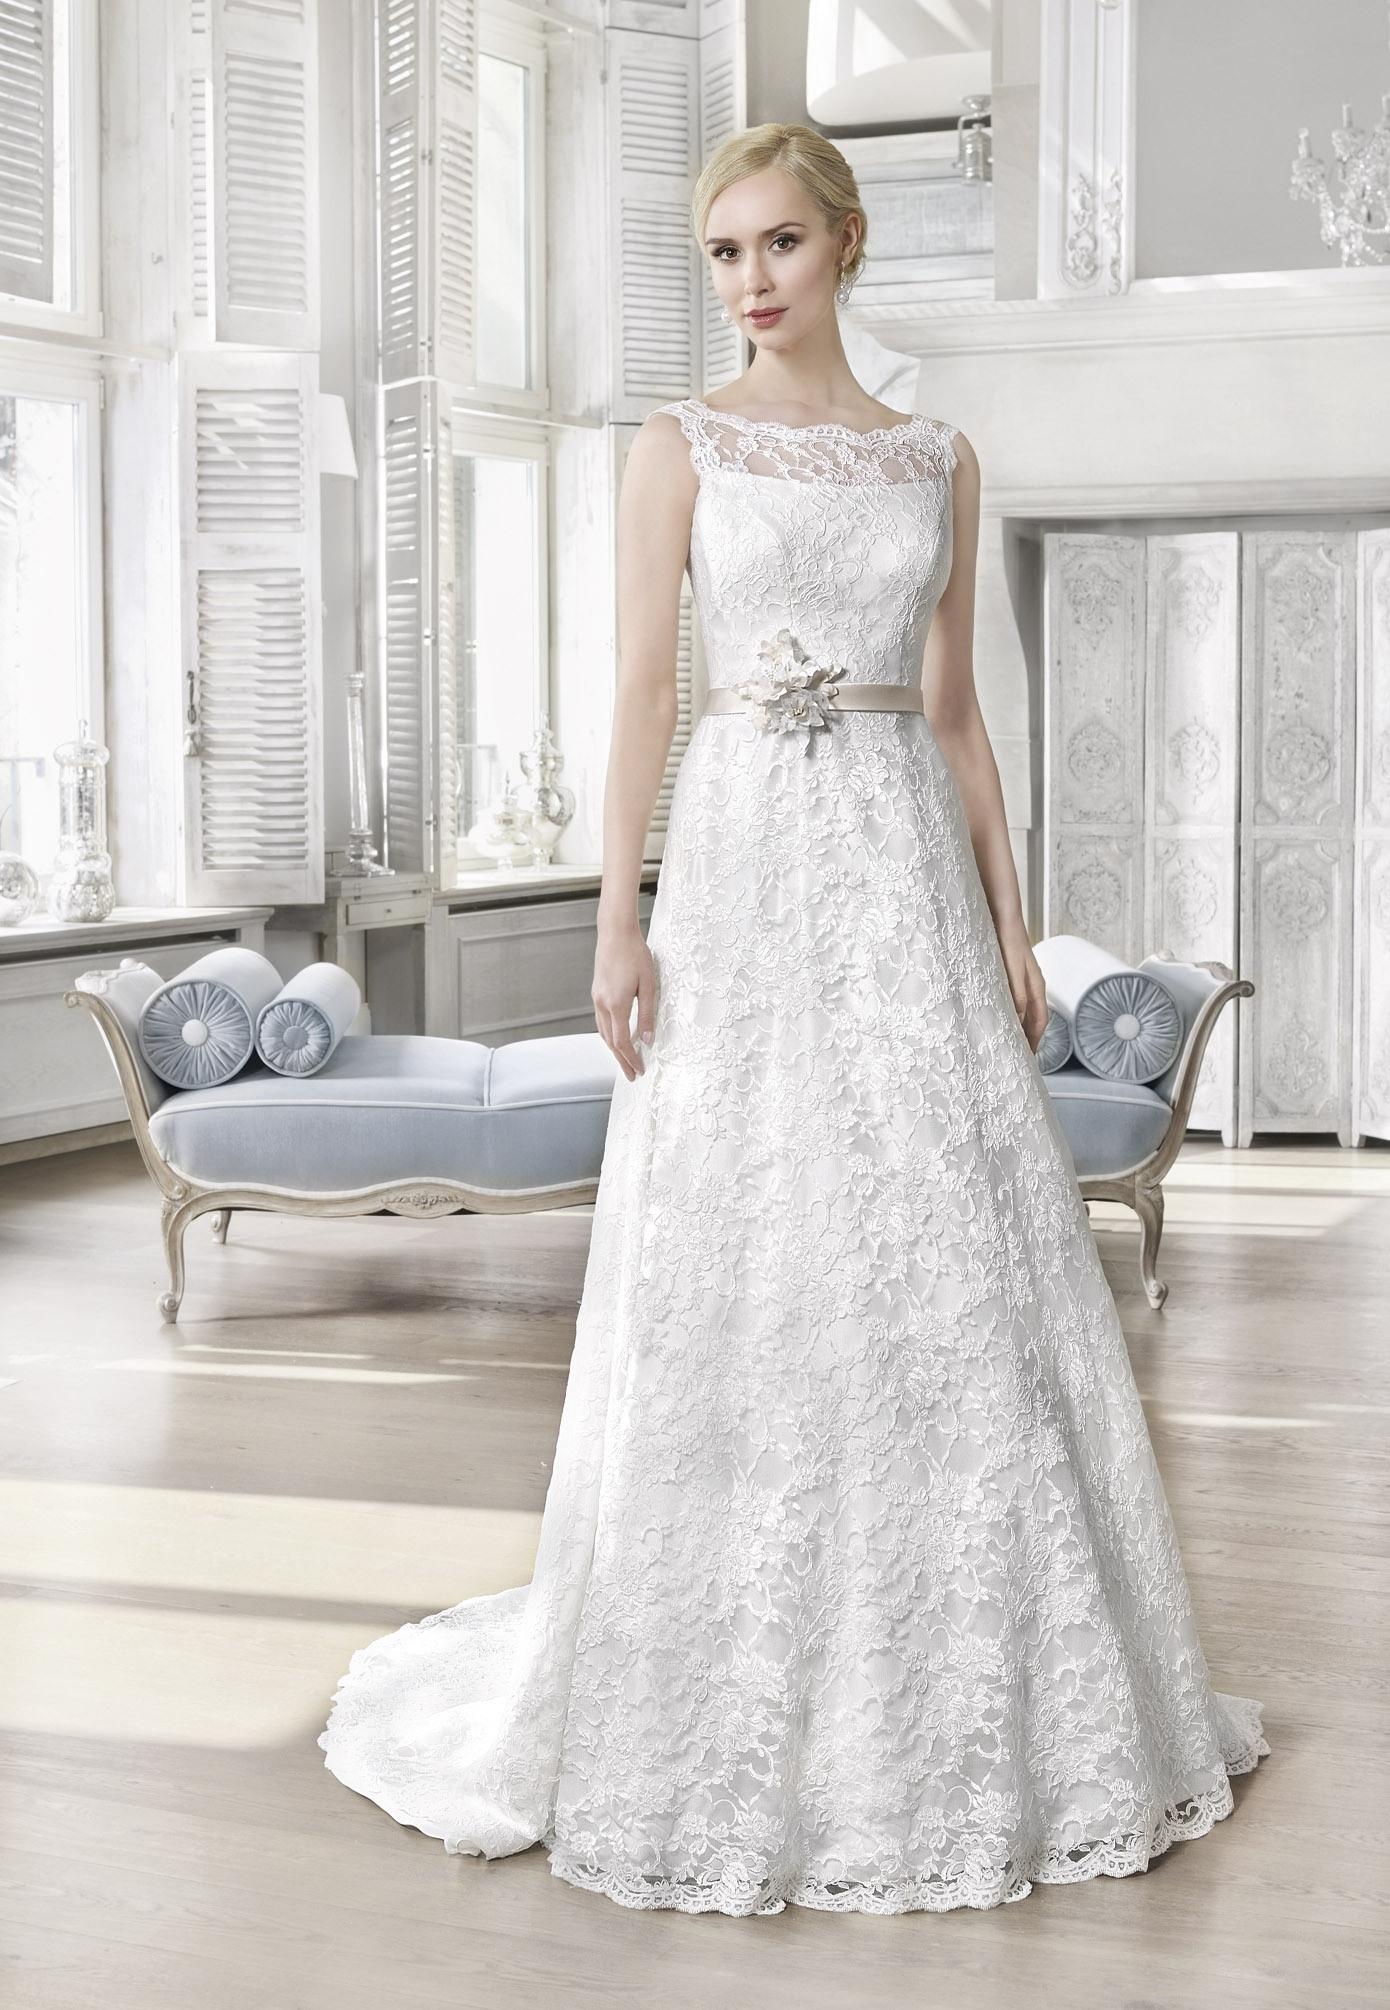 Designer Coolste Brautkleider Mode DesignDesigner Luxus Brautkleider Mode für 2019